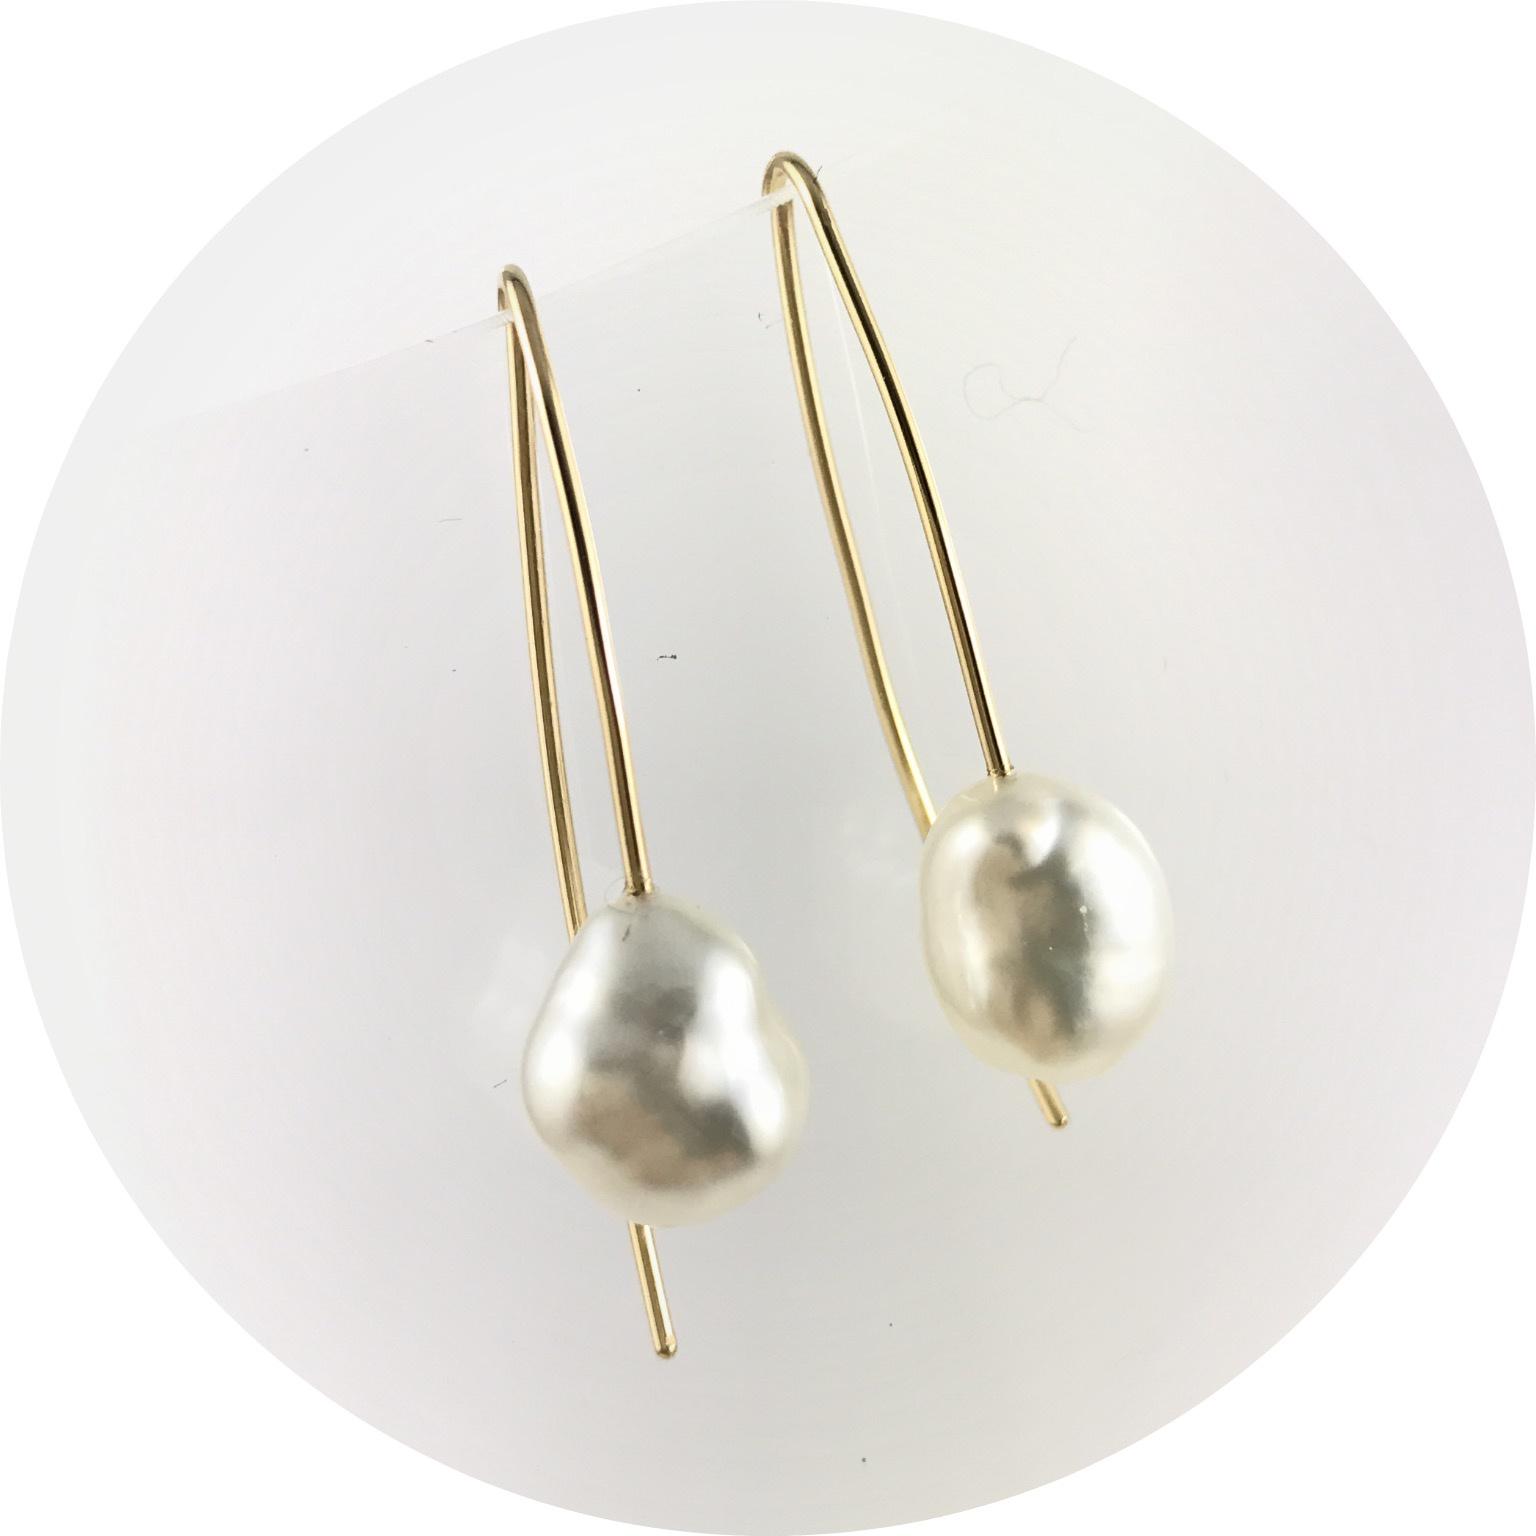 Kin - Keshi South Sea Drop Pearl Earrings in 18ct Yellow Gold